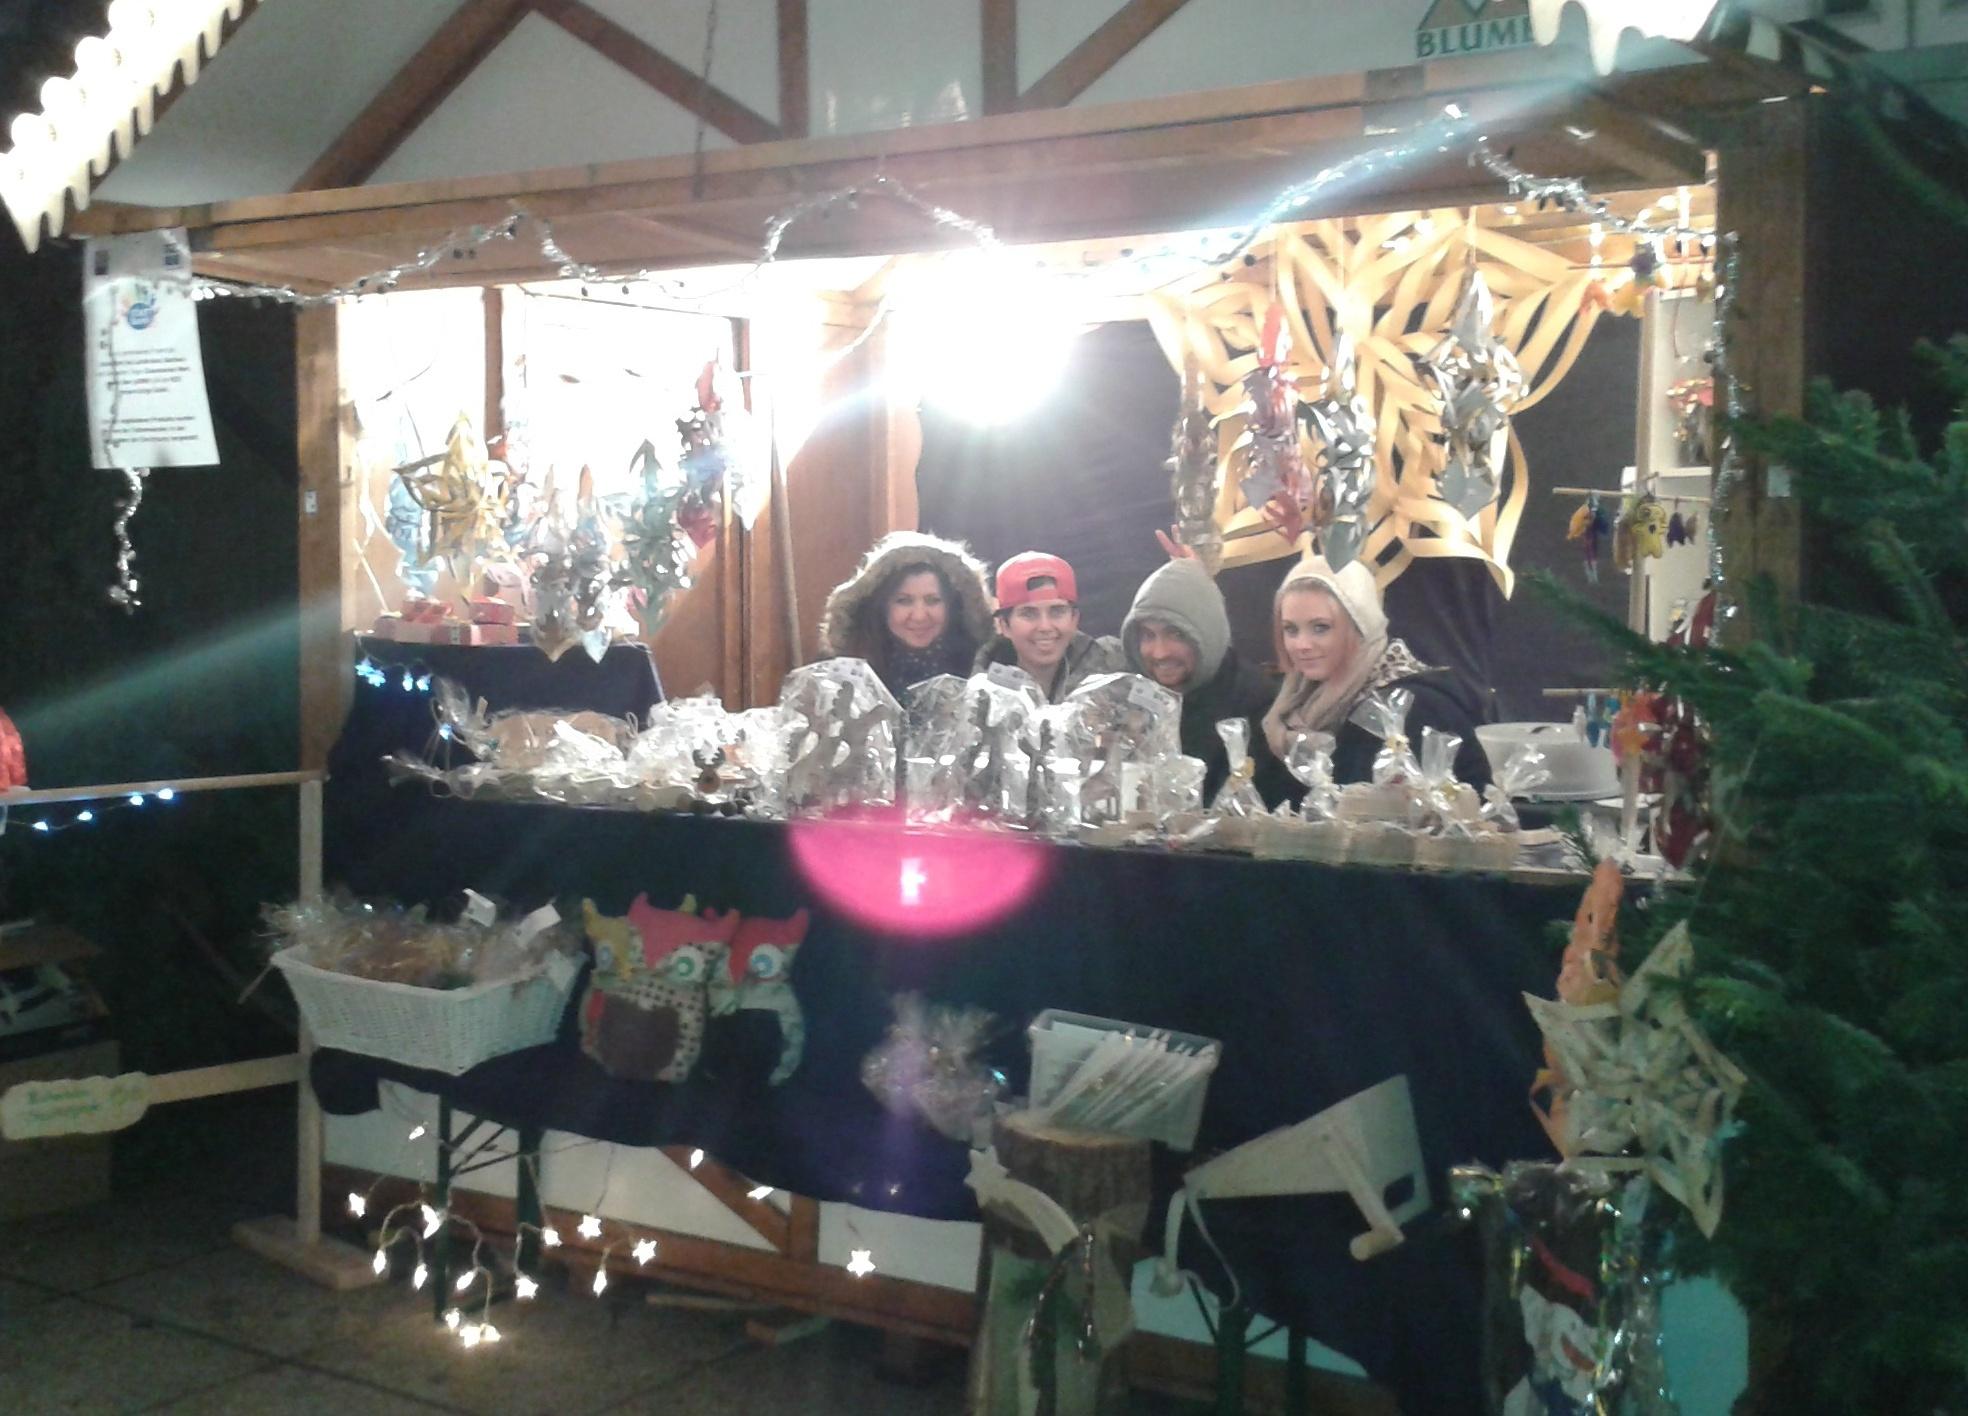 Startbahn25 Stand auf dem Weihnachtsmarkt